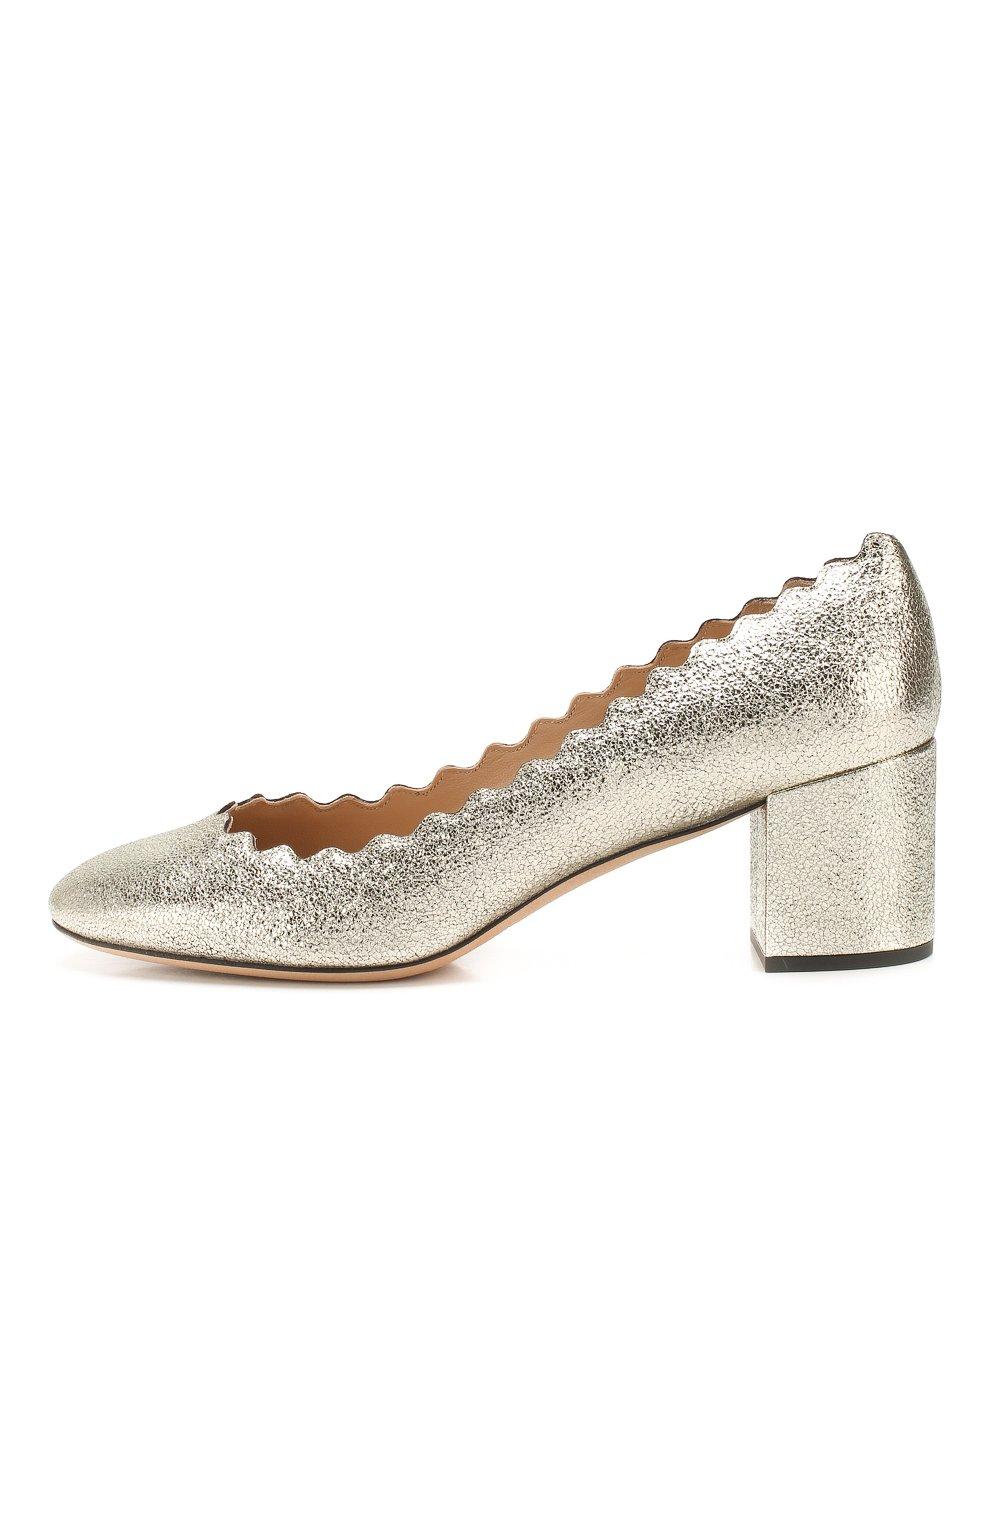 Туфли Lauren из металлизированной кожи с фигурным вырезом | Фото №3